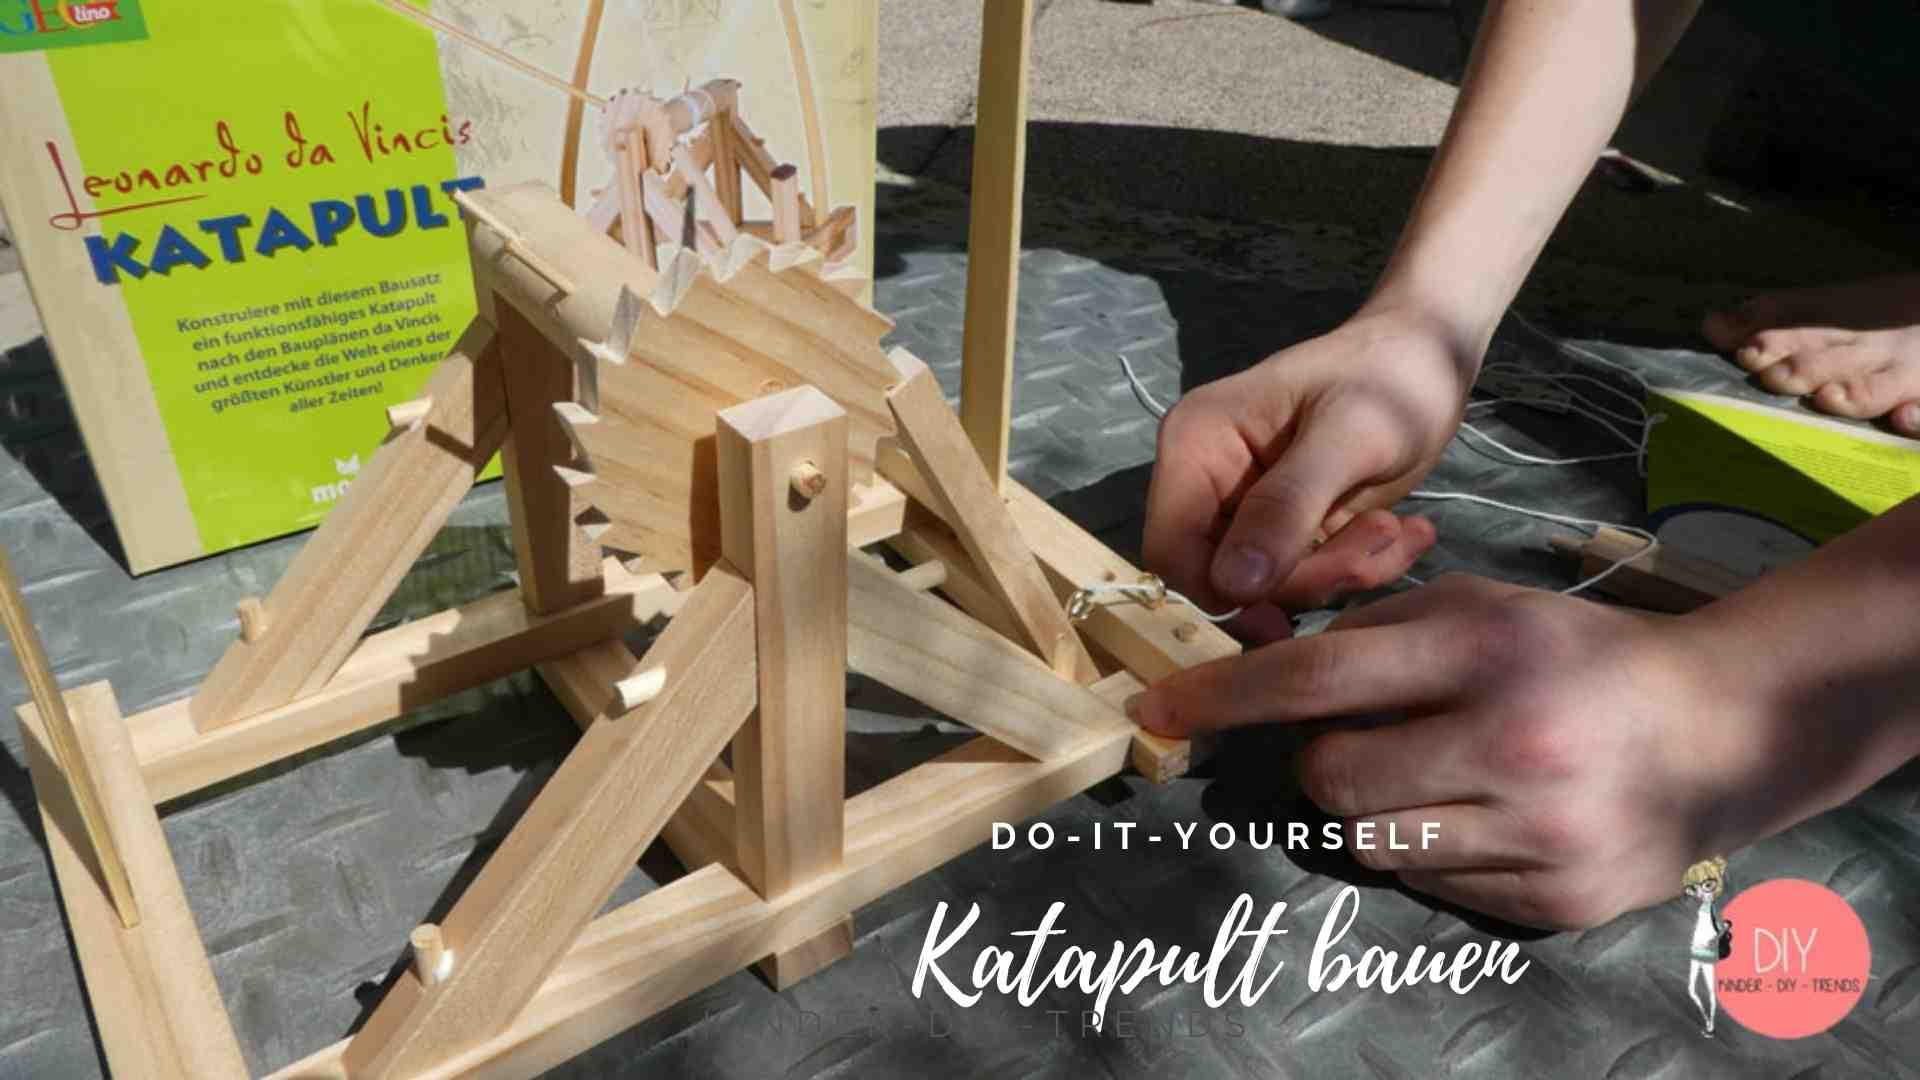 Kreative Geschenkideen für Kinder: Katapult nach Leonardo da Vinci Bausatz bauen